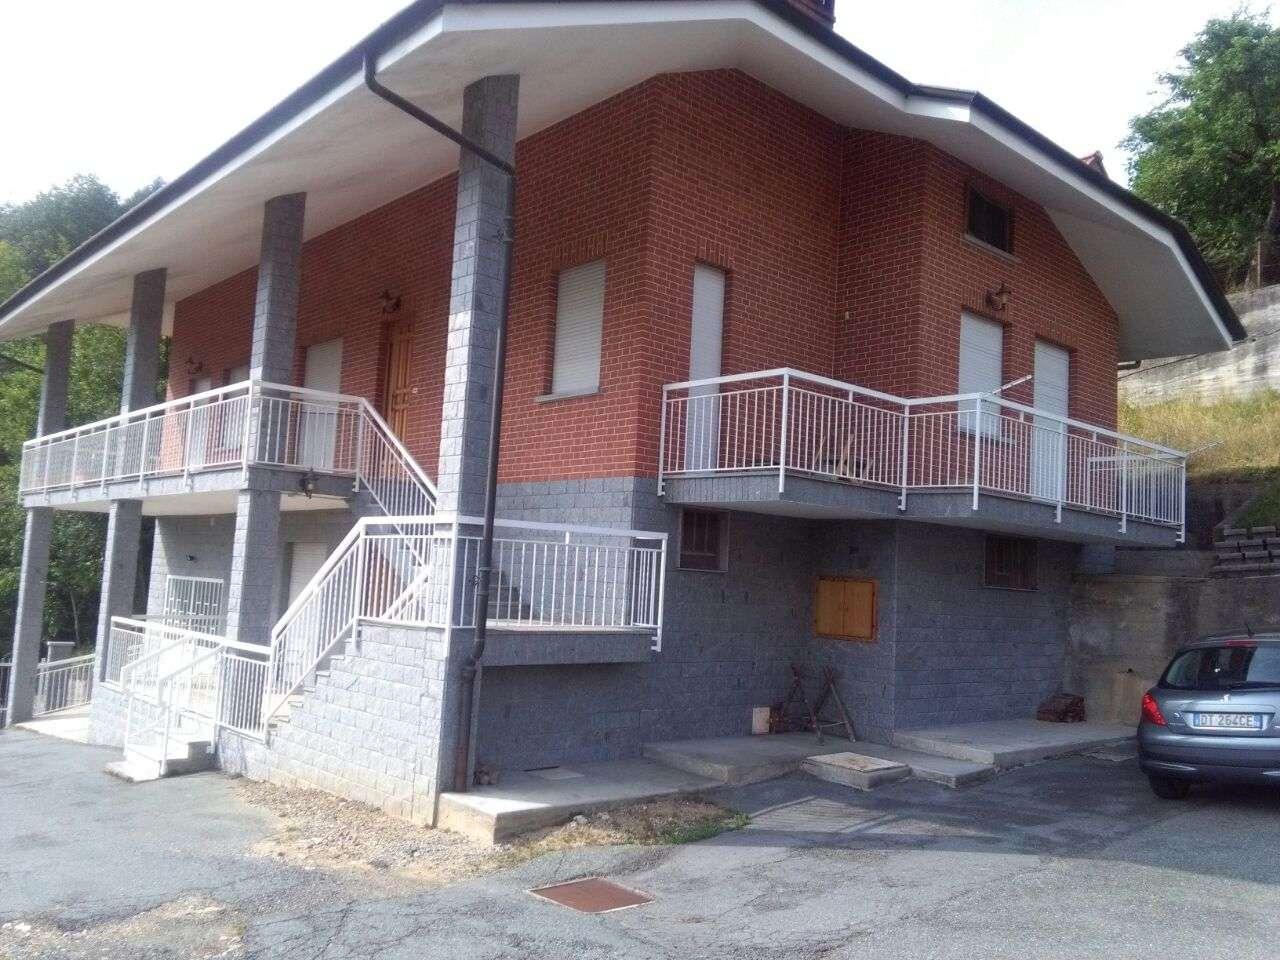 Soluzione Indipendente in vendita a Coazze, 6 locali, prezzo € 185.000 | CambioCasa.it